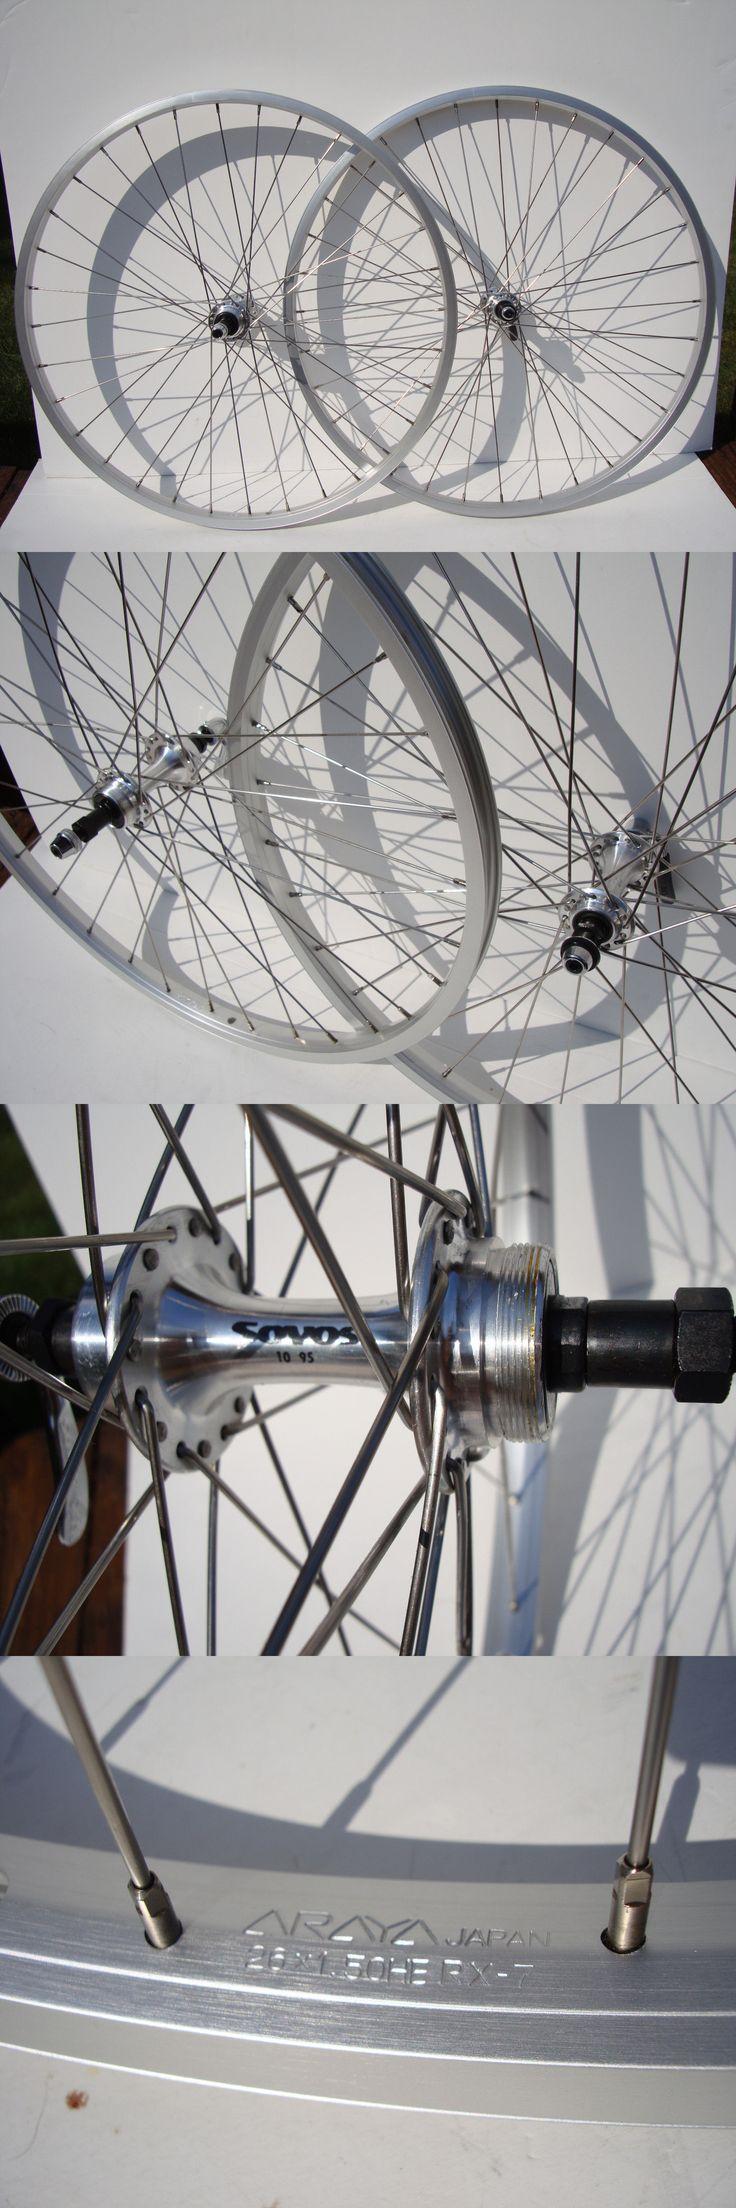 Vintage Bicycle Parts 56197: Nos Araya 26 Wheels Schwinn Trek Mtb Bike Cruiser Bicycle 5 6 7 8 Spd Vtg Fuji -> BUY IT NOW ONLY: $155 on eBay!